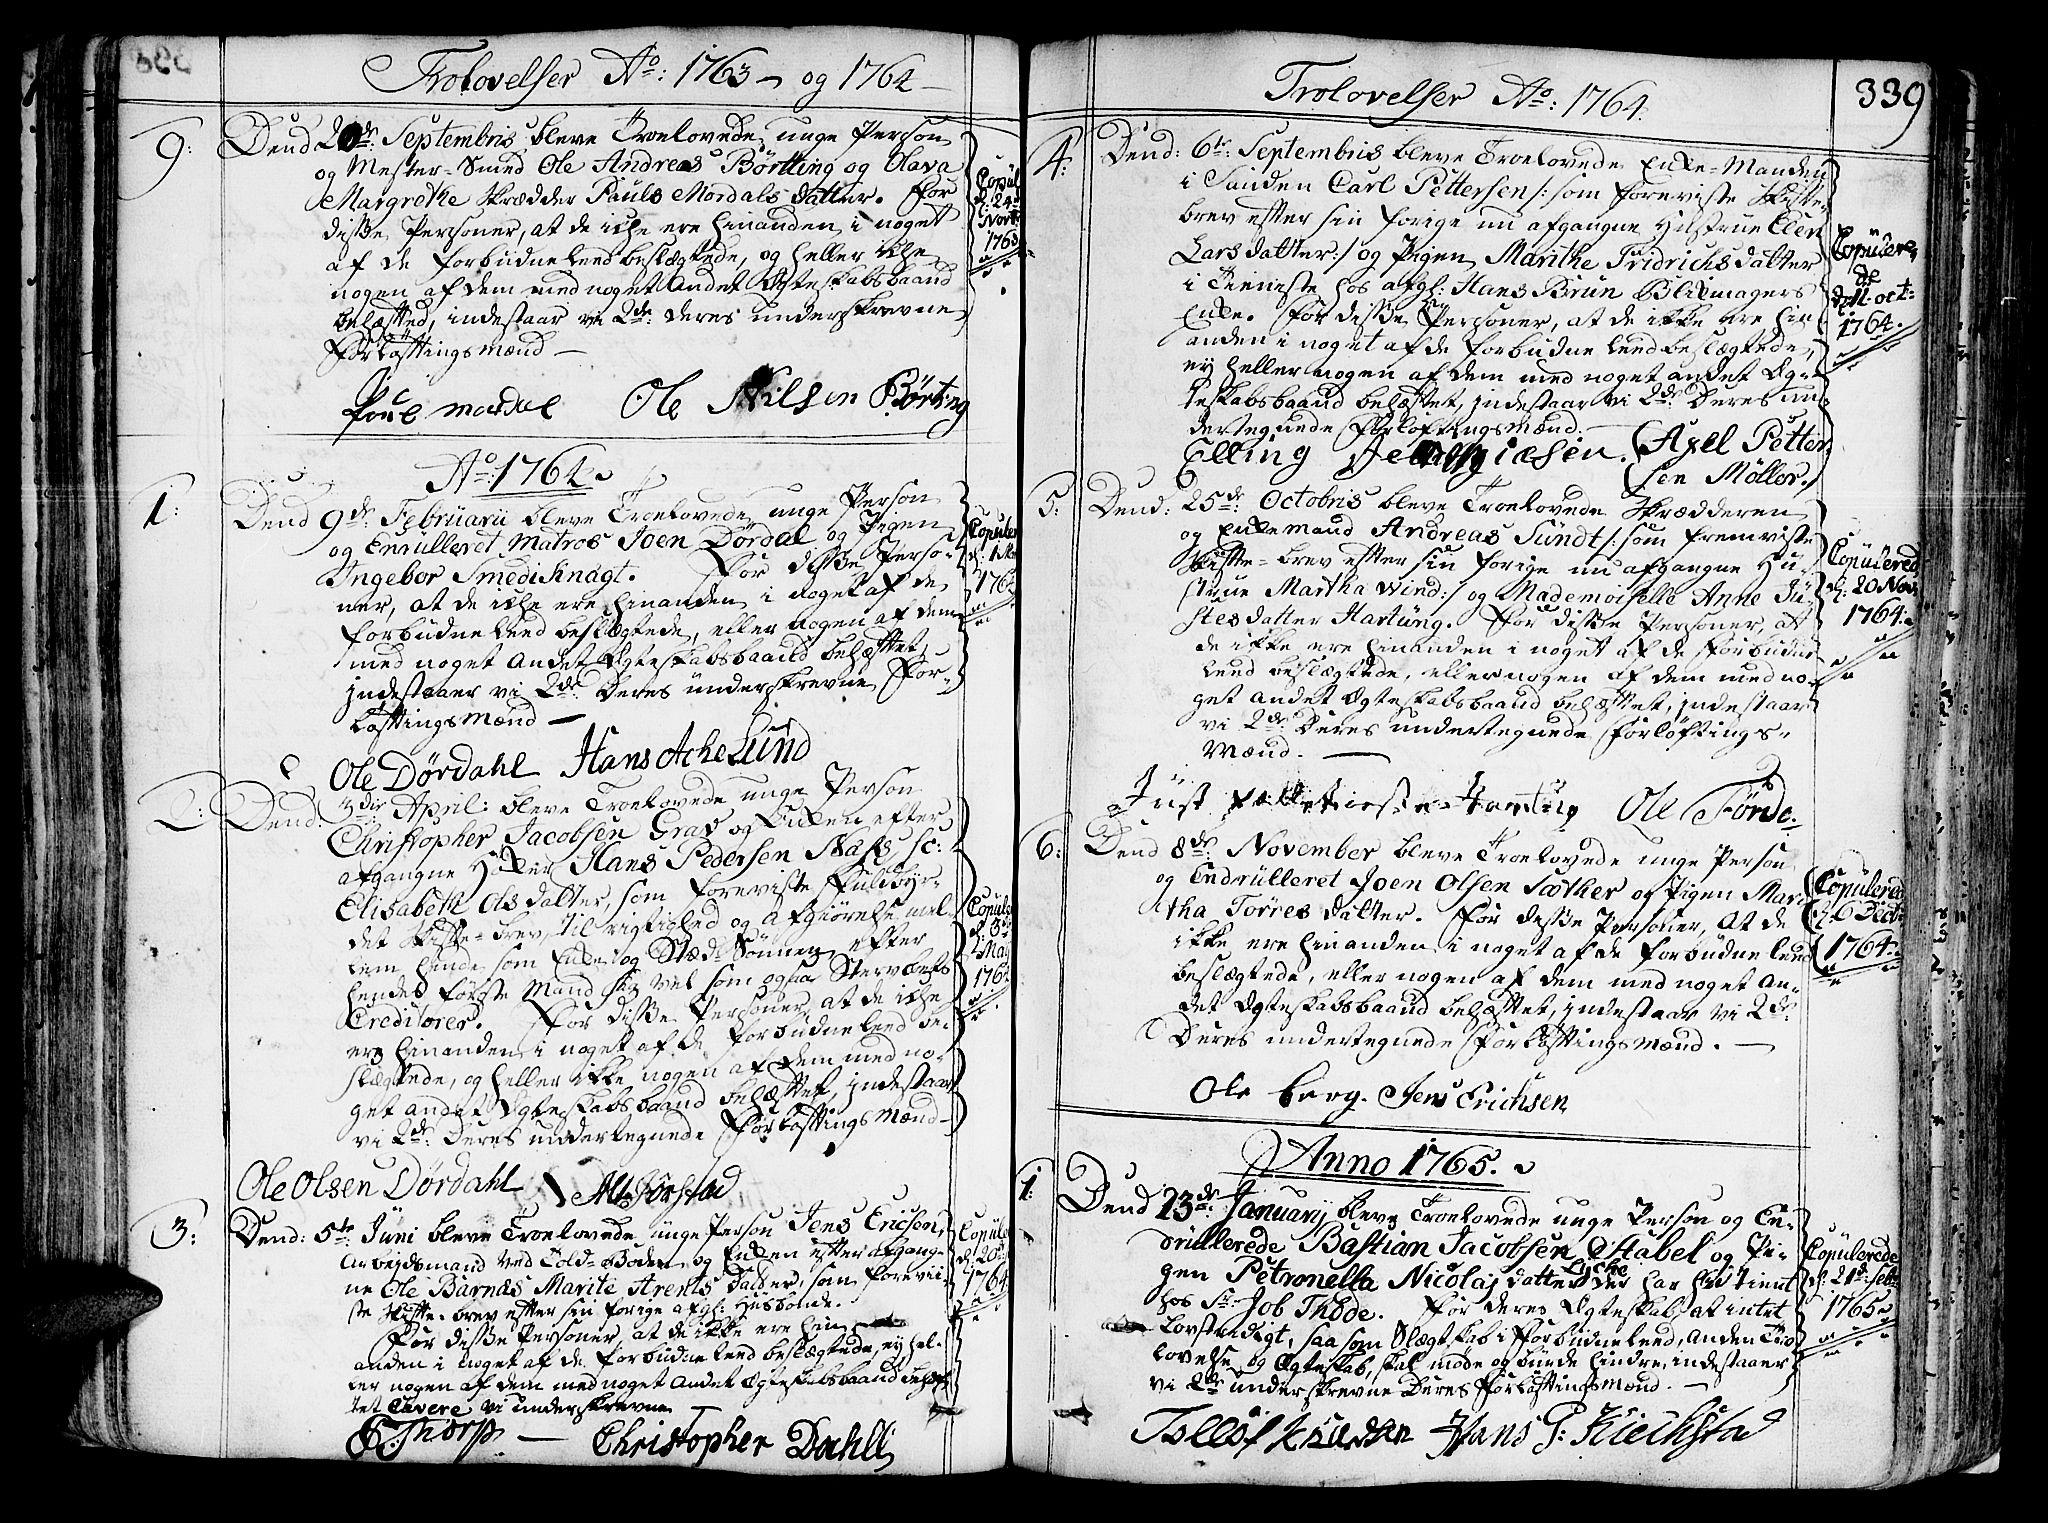 SAT, Ministerialprotokoller, klokkerbøker og fødselsregistre - Sør-Trøndelag, 602/L0103: Ministerialbok nr. 602A01, 1732-1774, s. 339